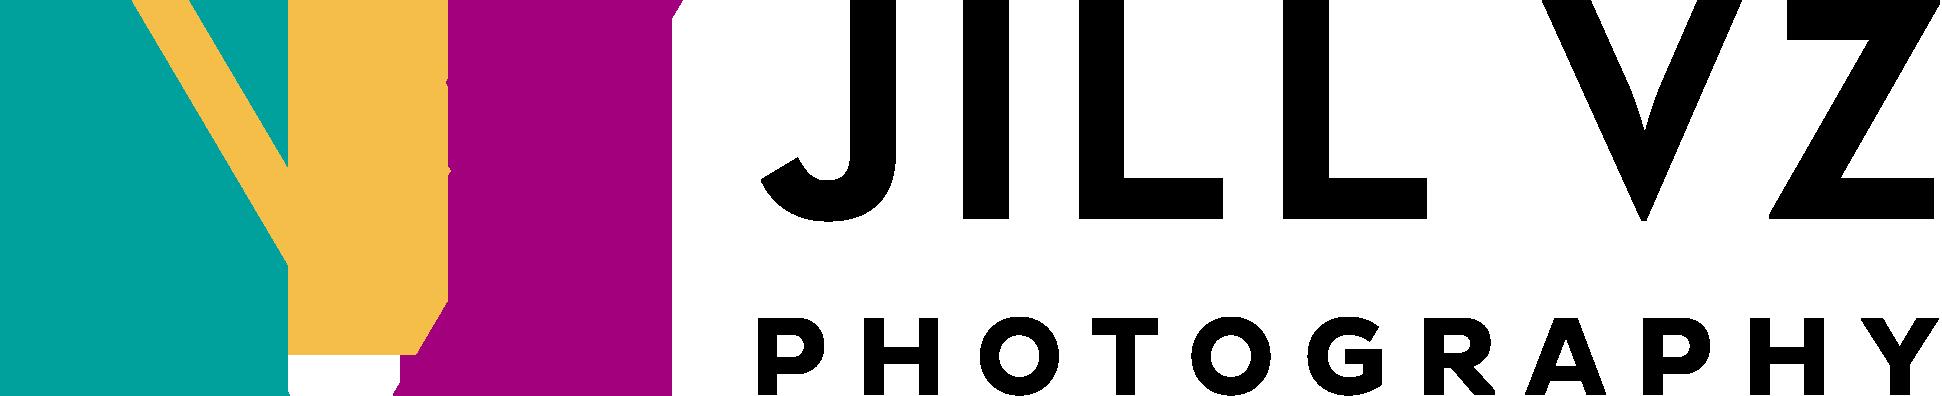 JVZ-Logo-Horizontalb.png